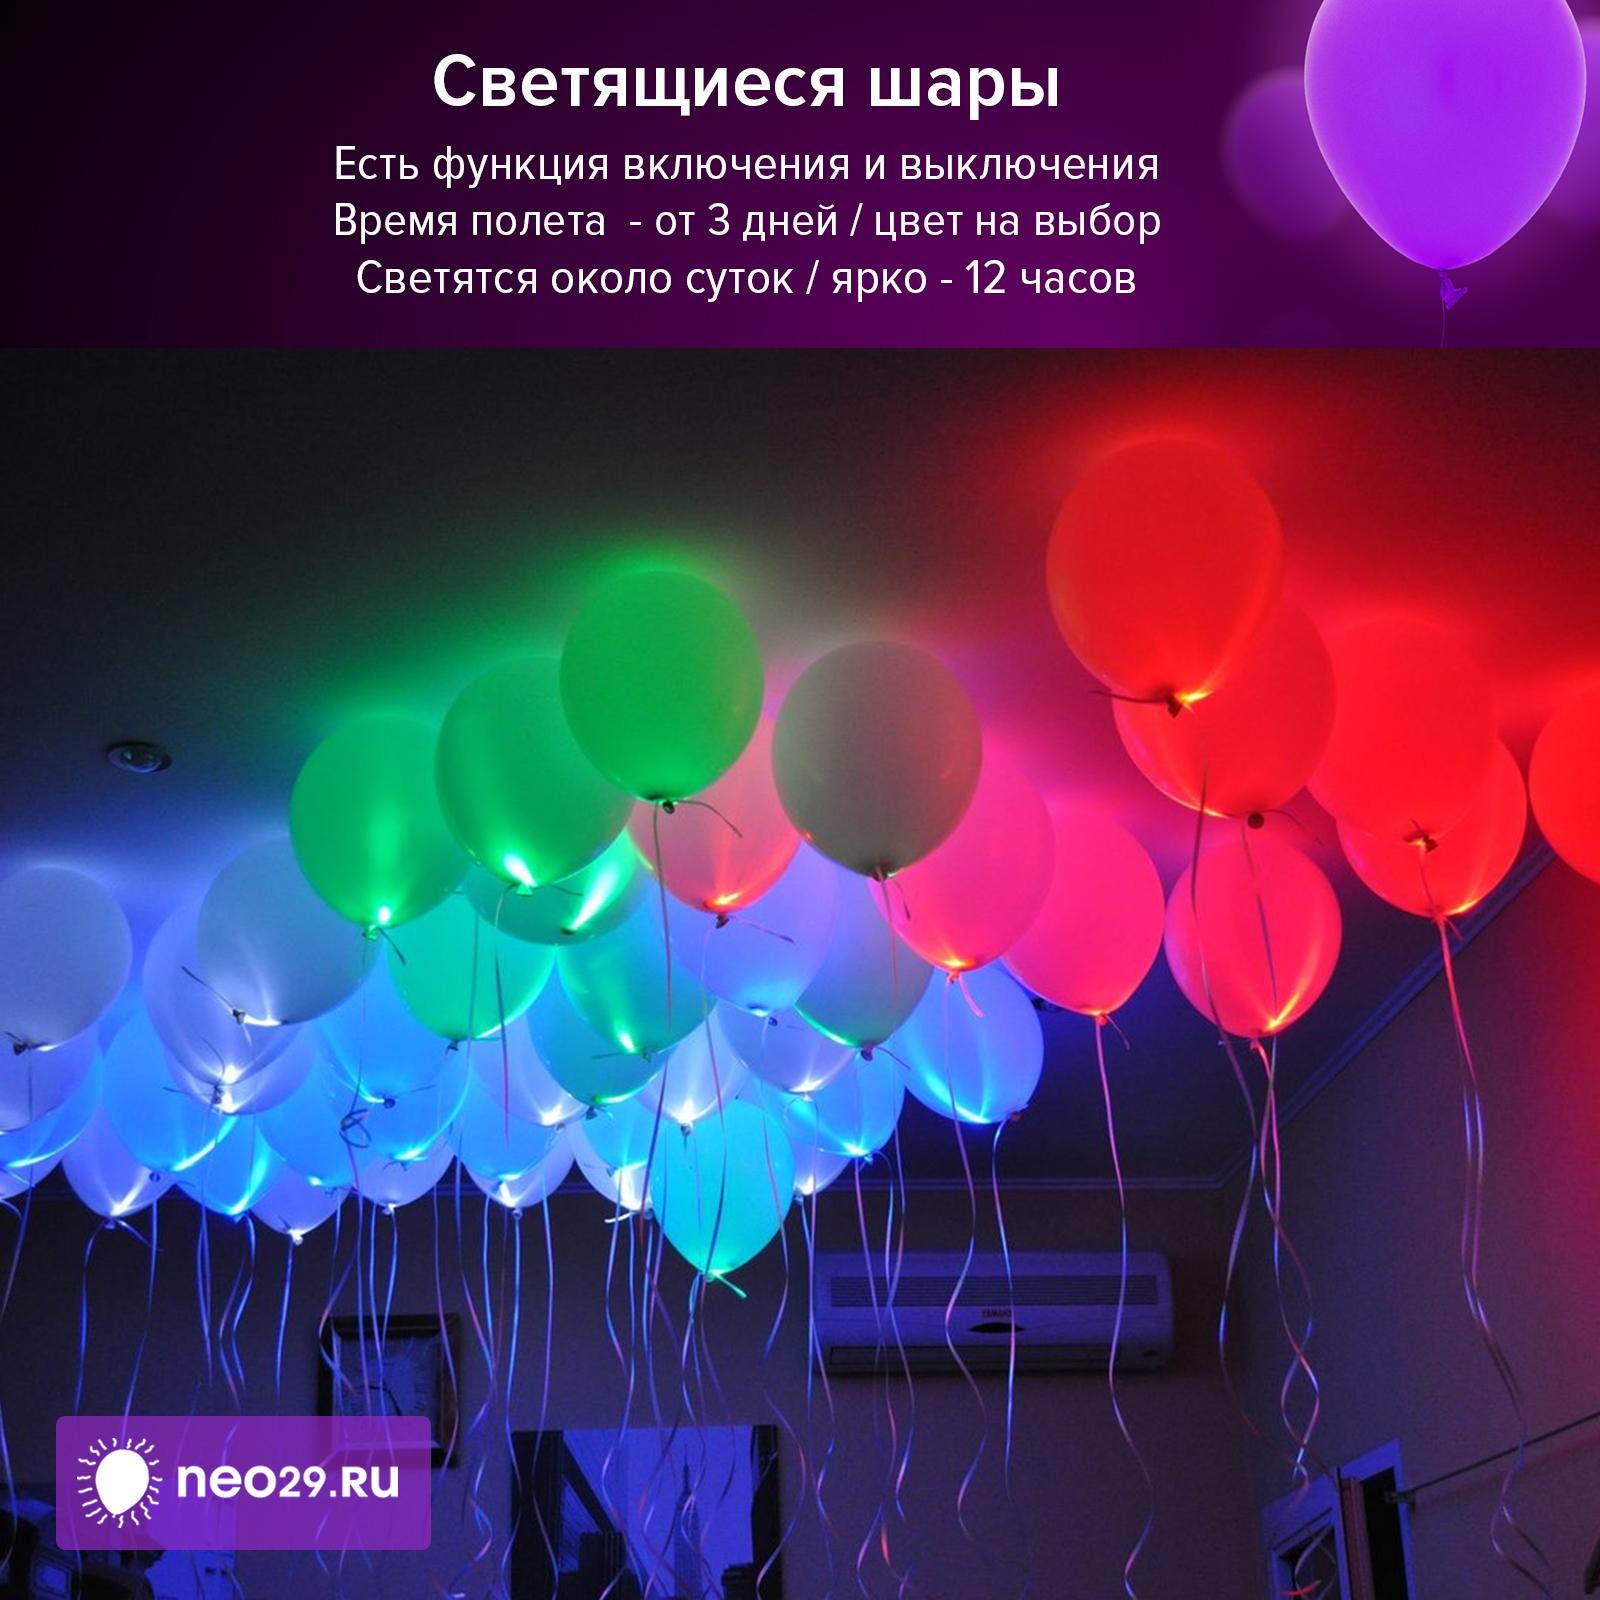 Светящиеся воздушные шары. Как сделать своими руками 29